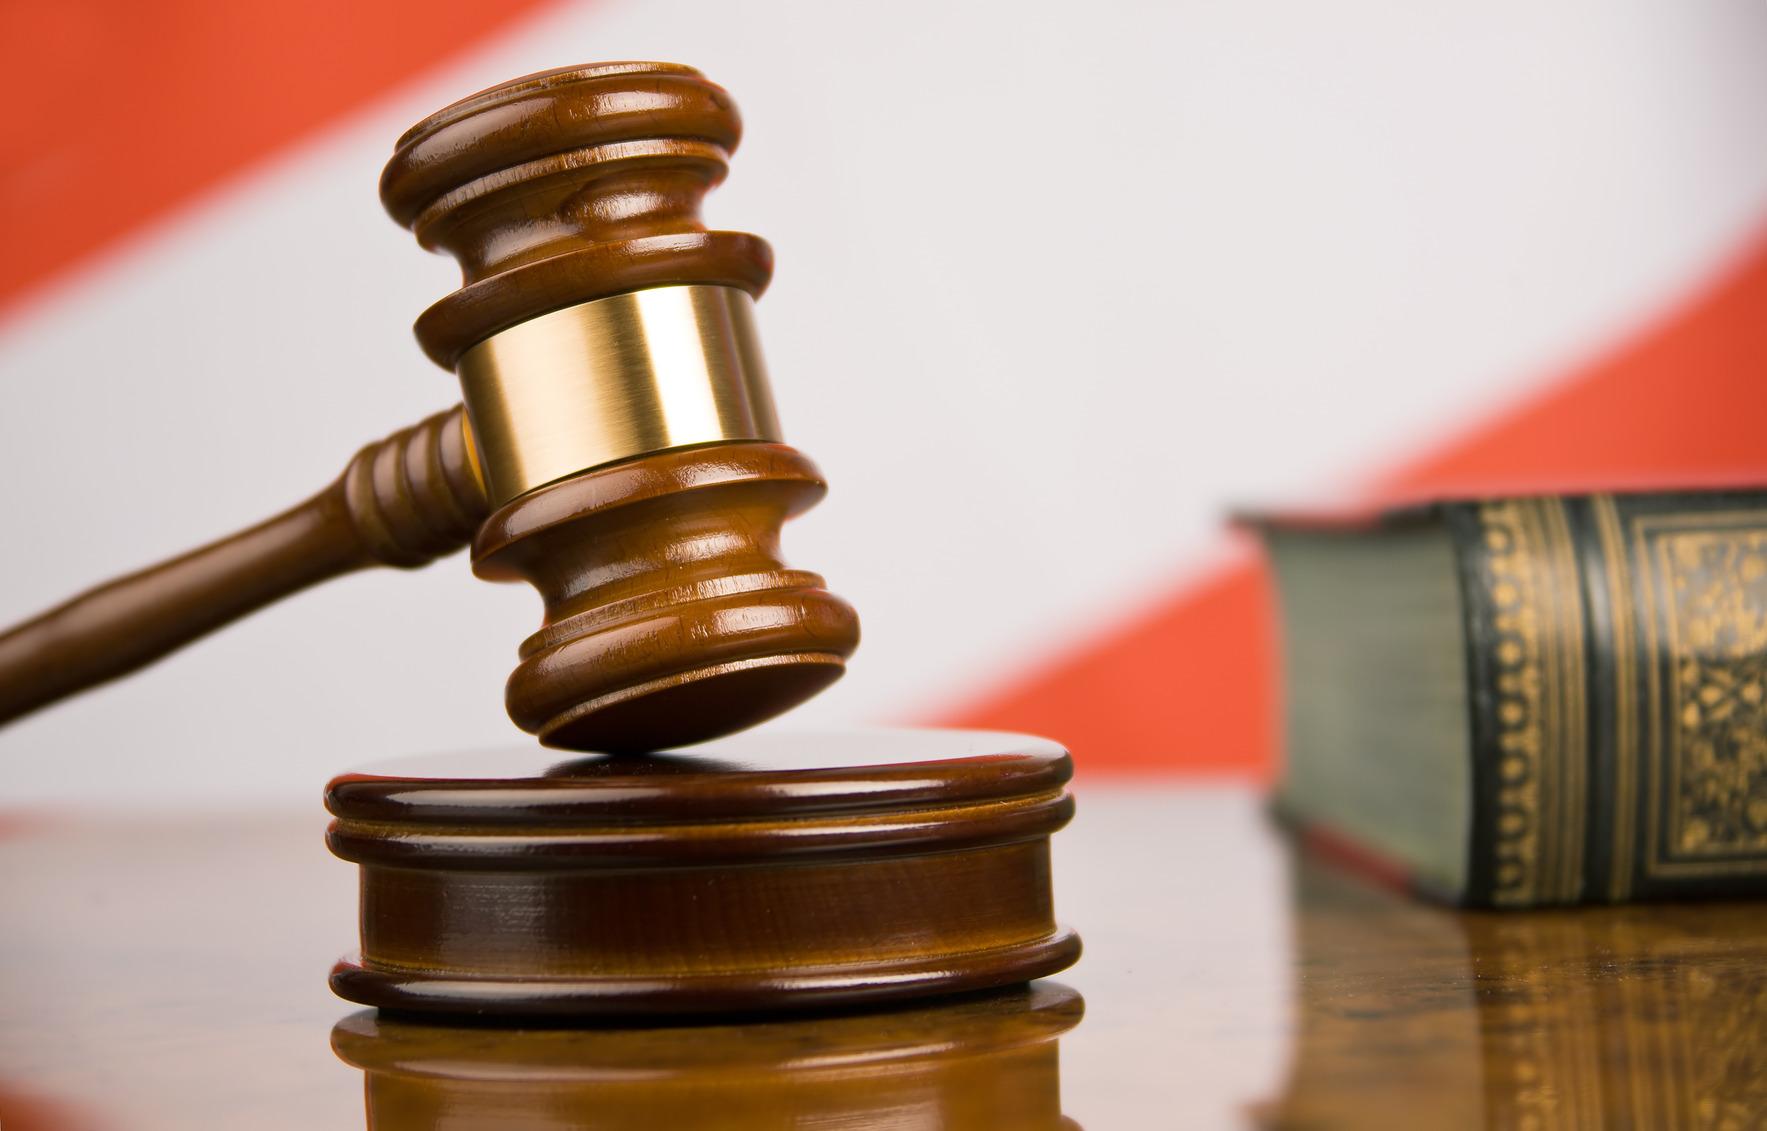 Екс-главу району Чернігівської області засудили повторно, давши ще більший термін